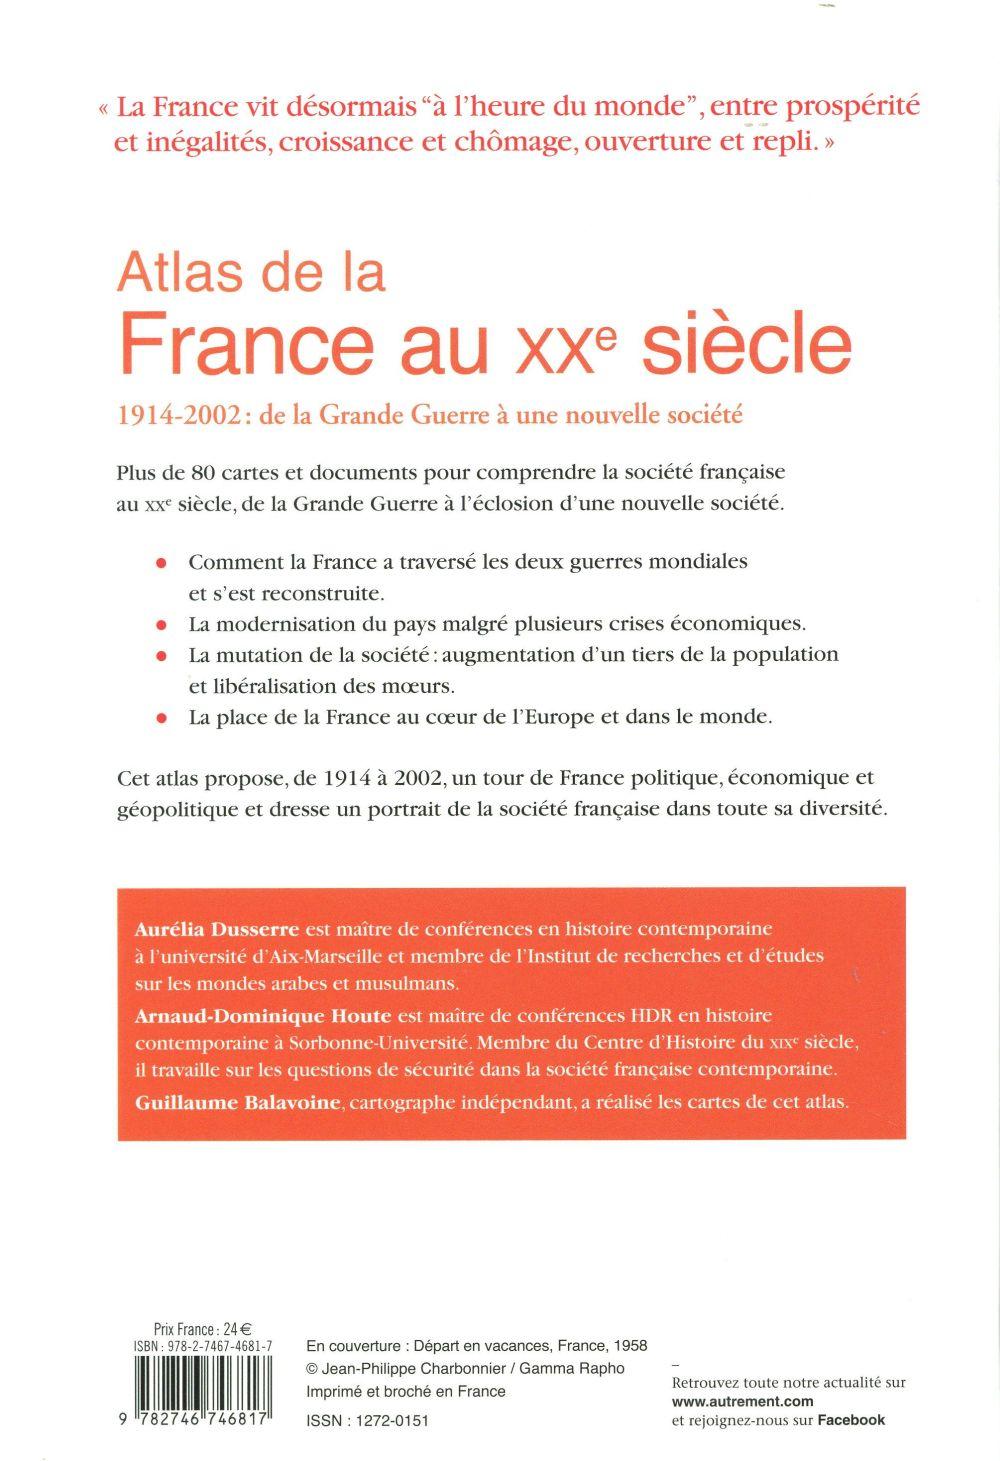 atlas de la France au XXe siècle ; 1914-2002 : de la Grande Guerre à une nouvelle société